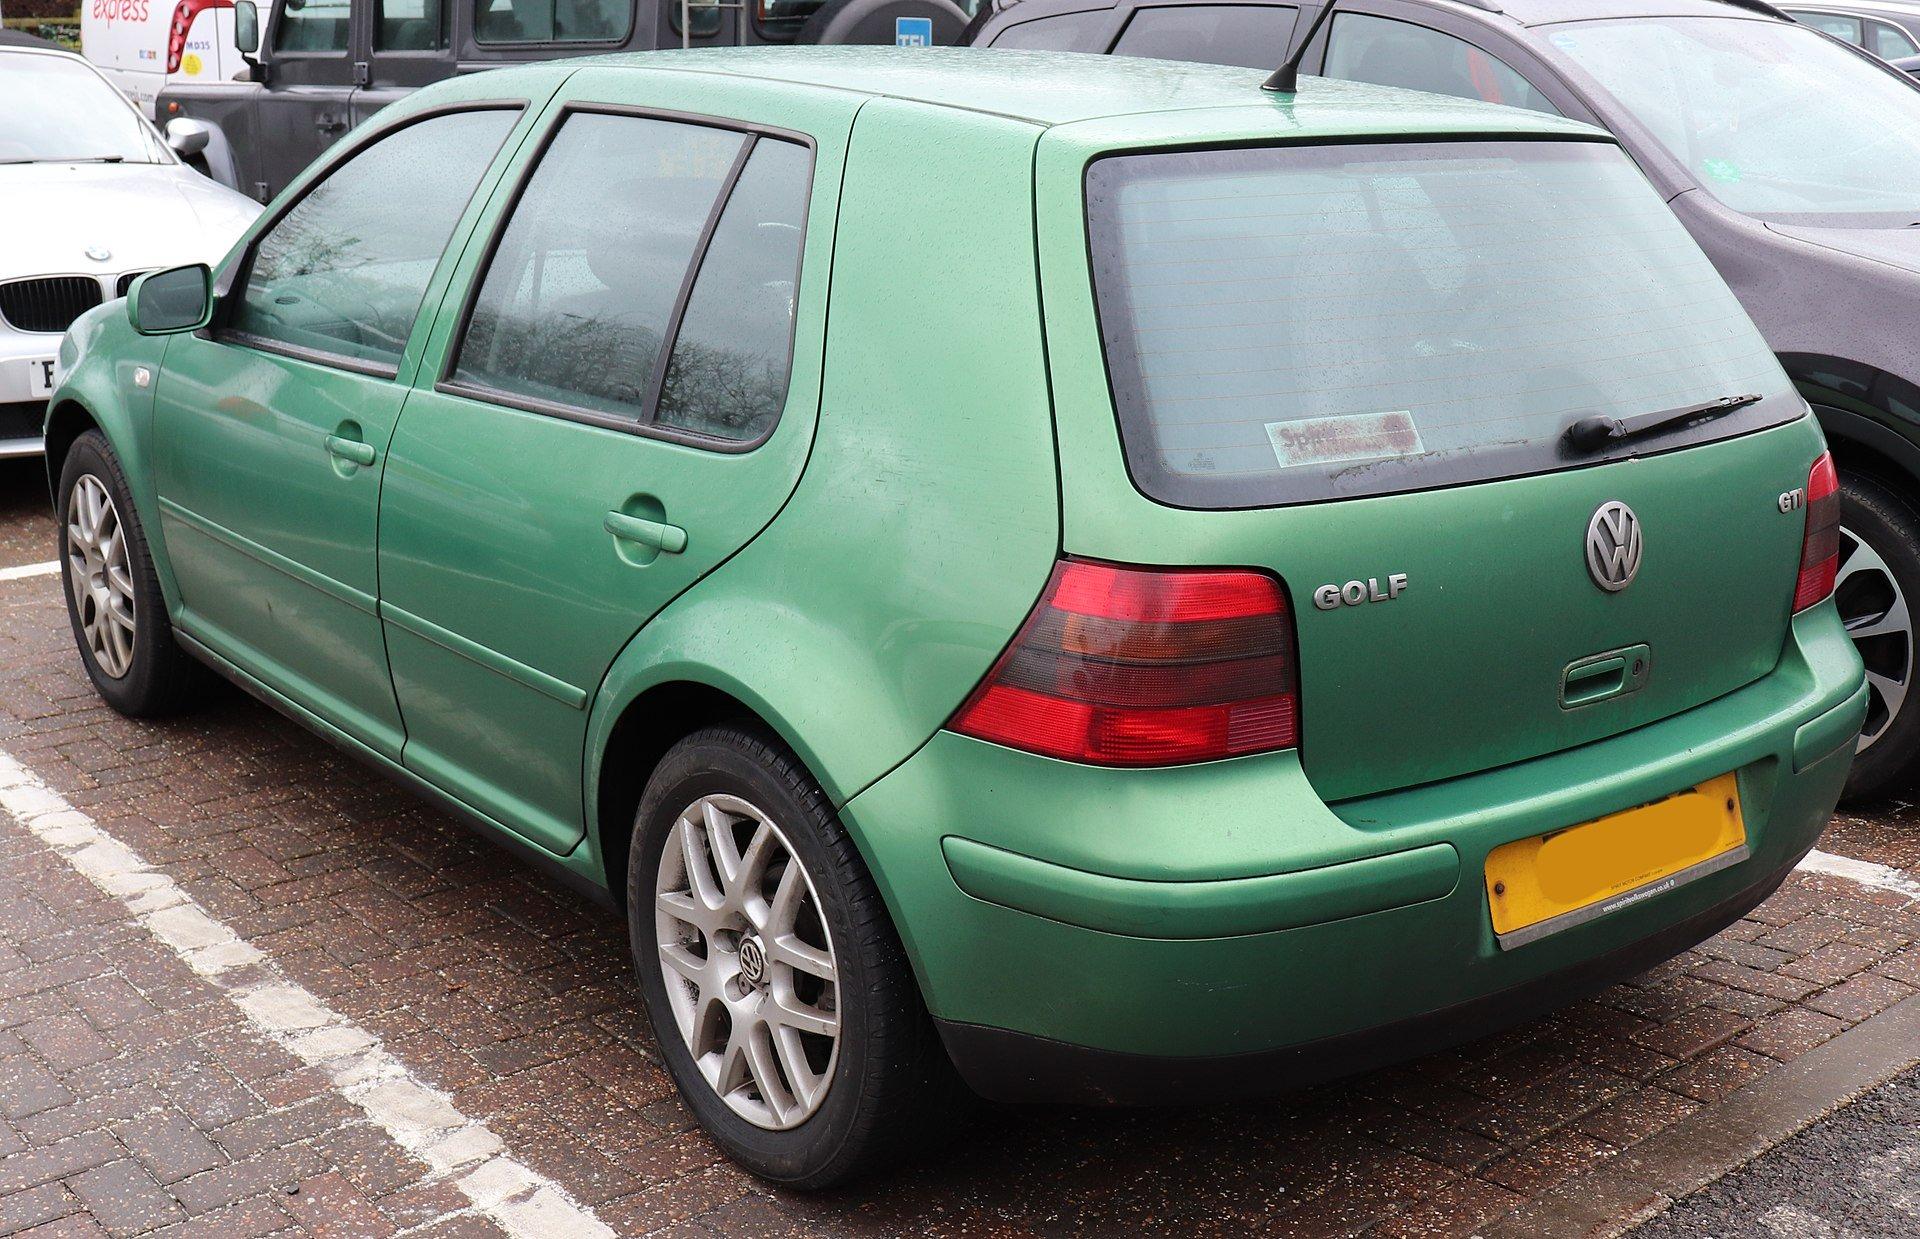 Auta do 5000 zł - Volkswagen Golf IV